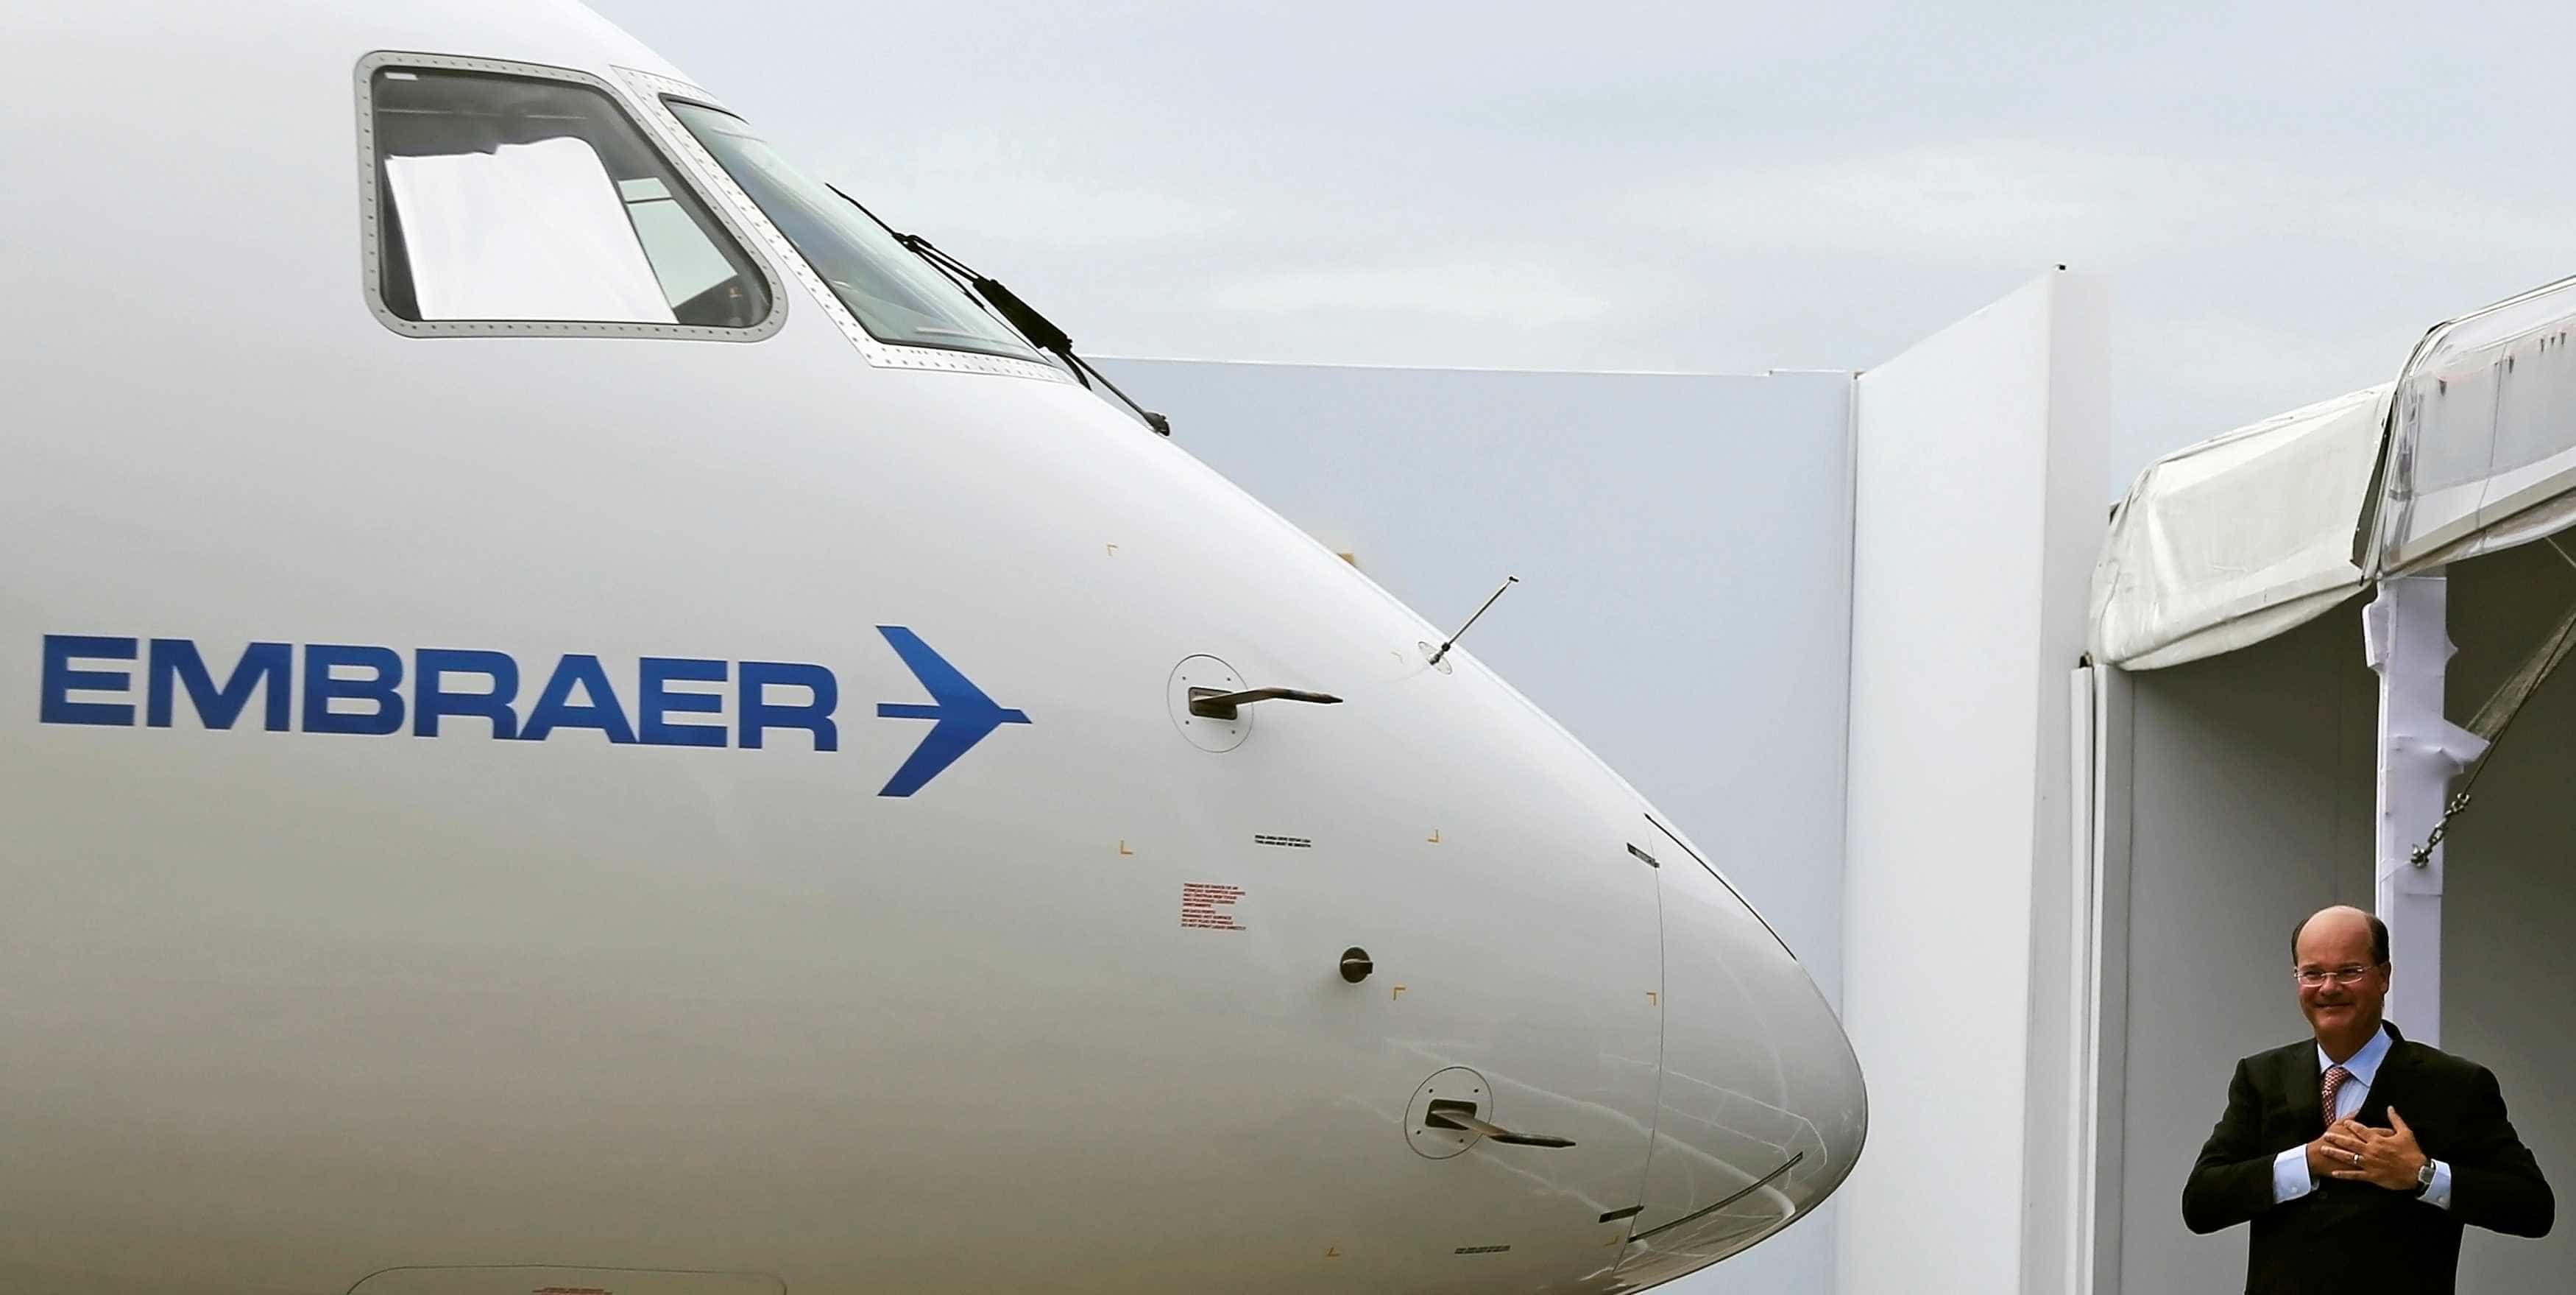 Ações da Embraer caem na Bovespa após anúncio com a Boeing